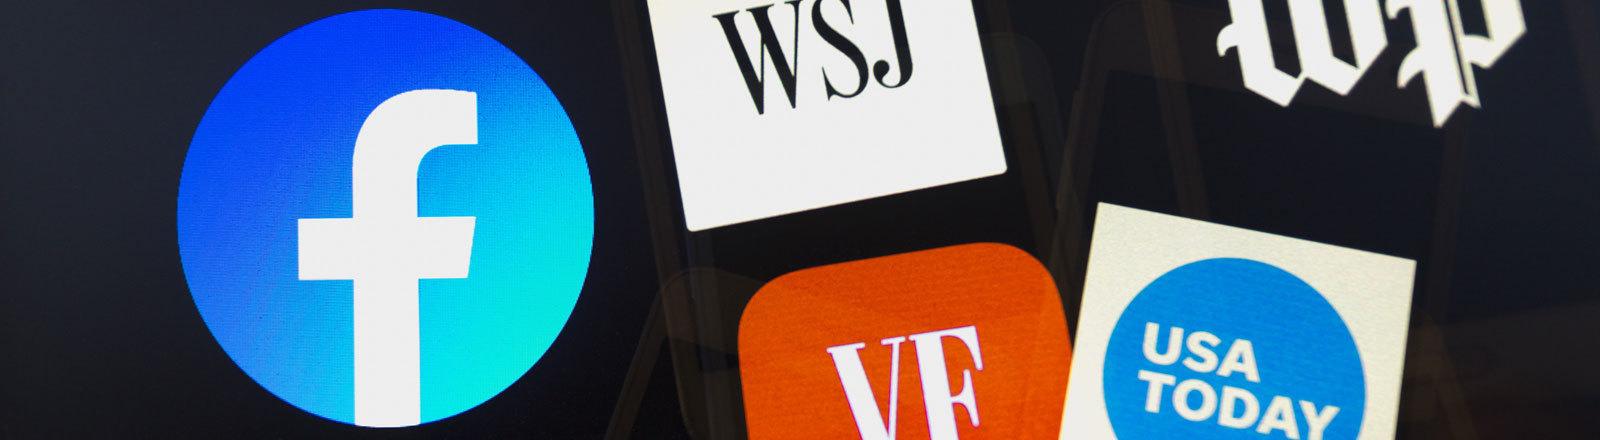 Facebook-Logo mit mehreren Nachrichten-Logos- Als Symbol für Facebook News.